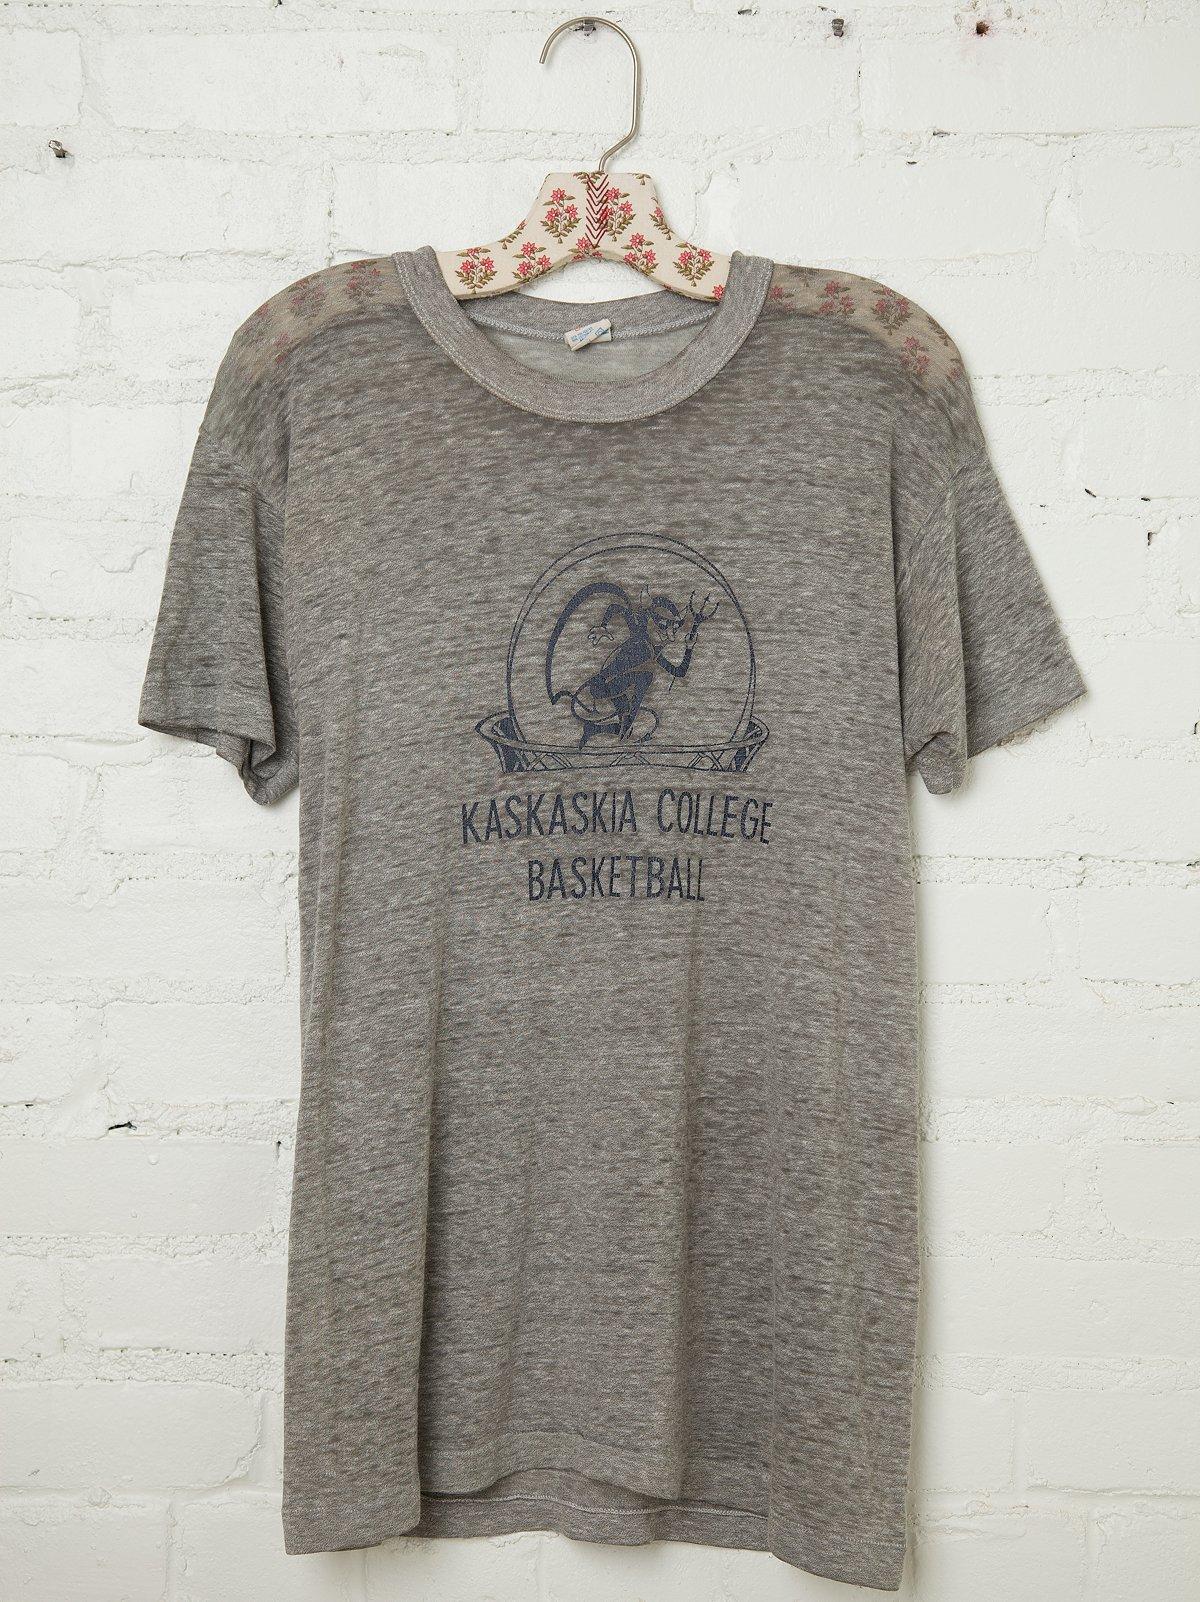 Vintage Kaskaskia College Basketball Tee